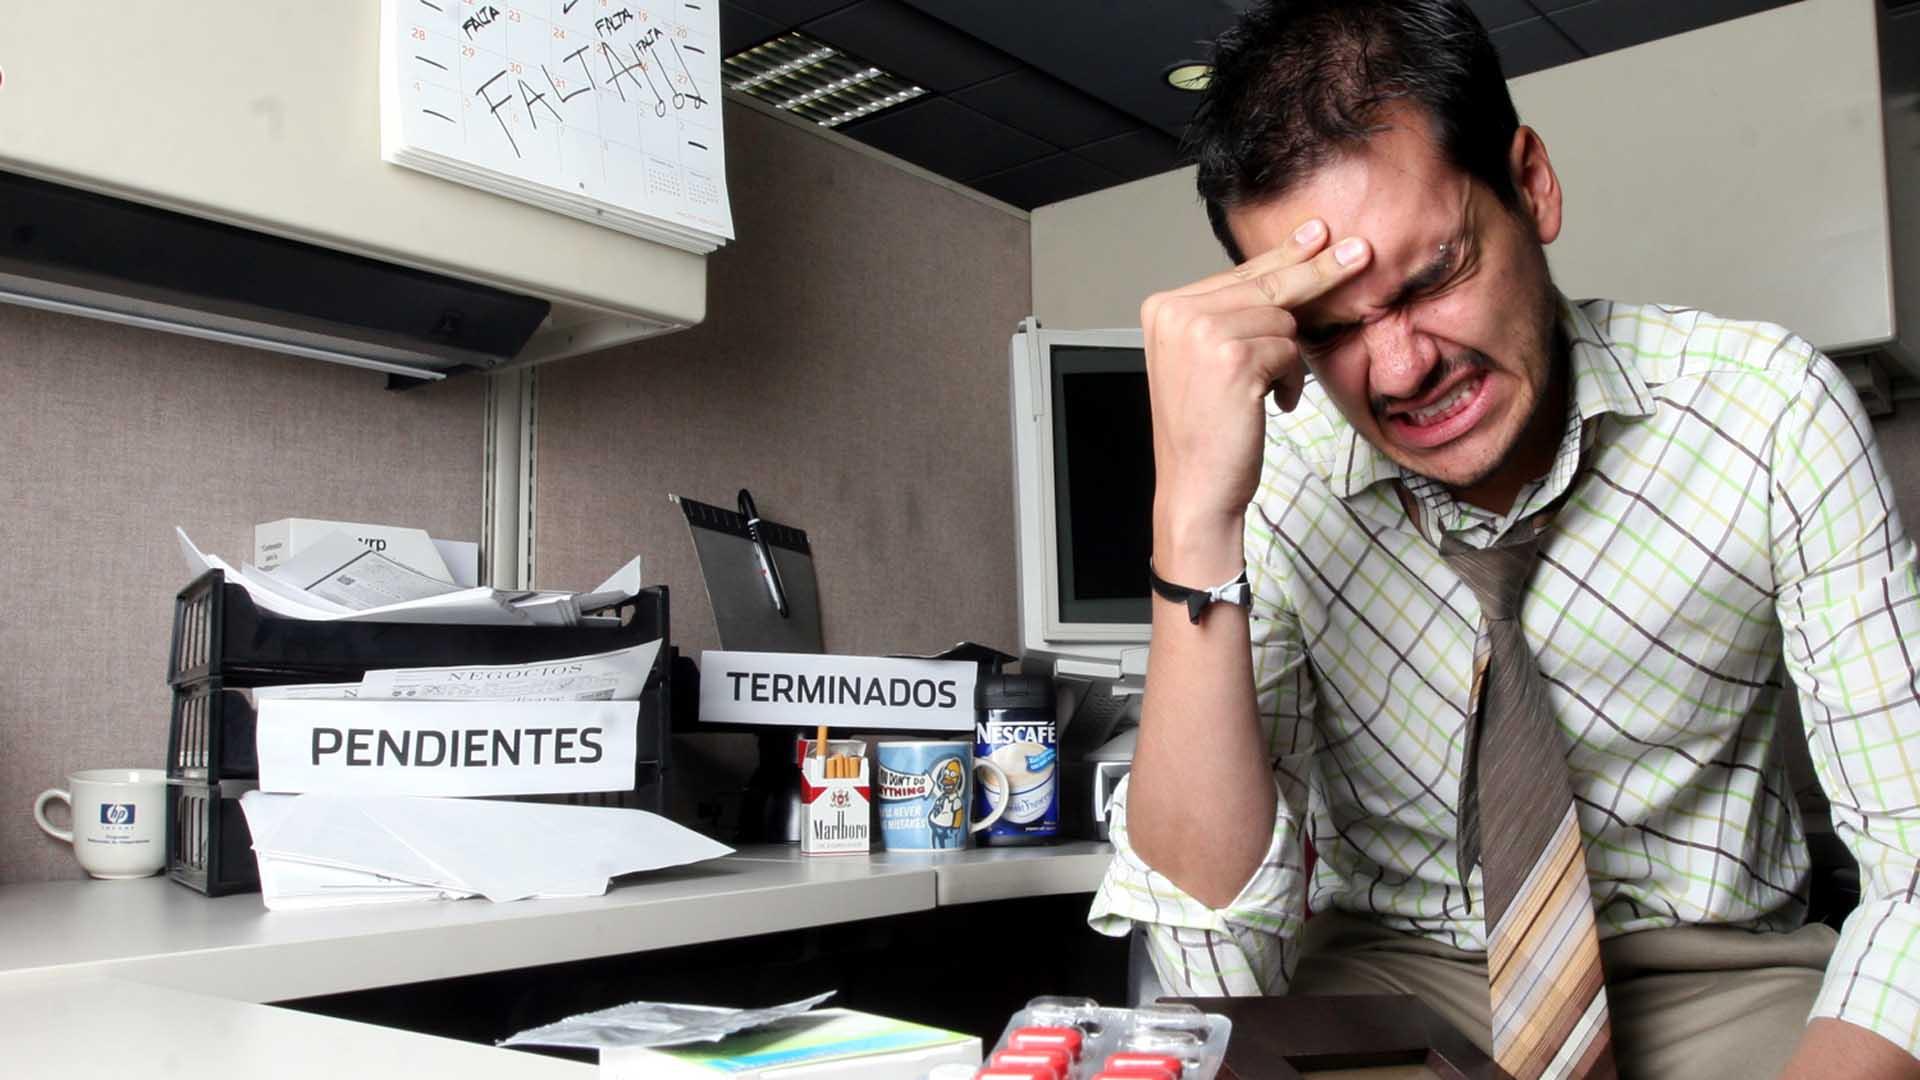 """Una reciente sentencia determina que el estrés generado por un """"incómodo ambiente de trabajo"""" es accidente laboral-"""